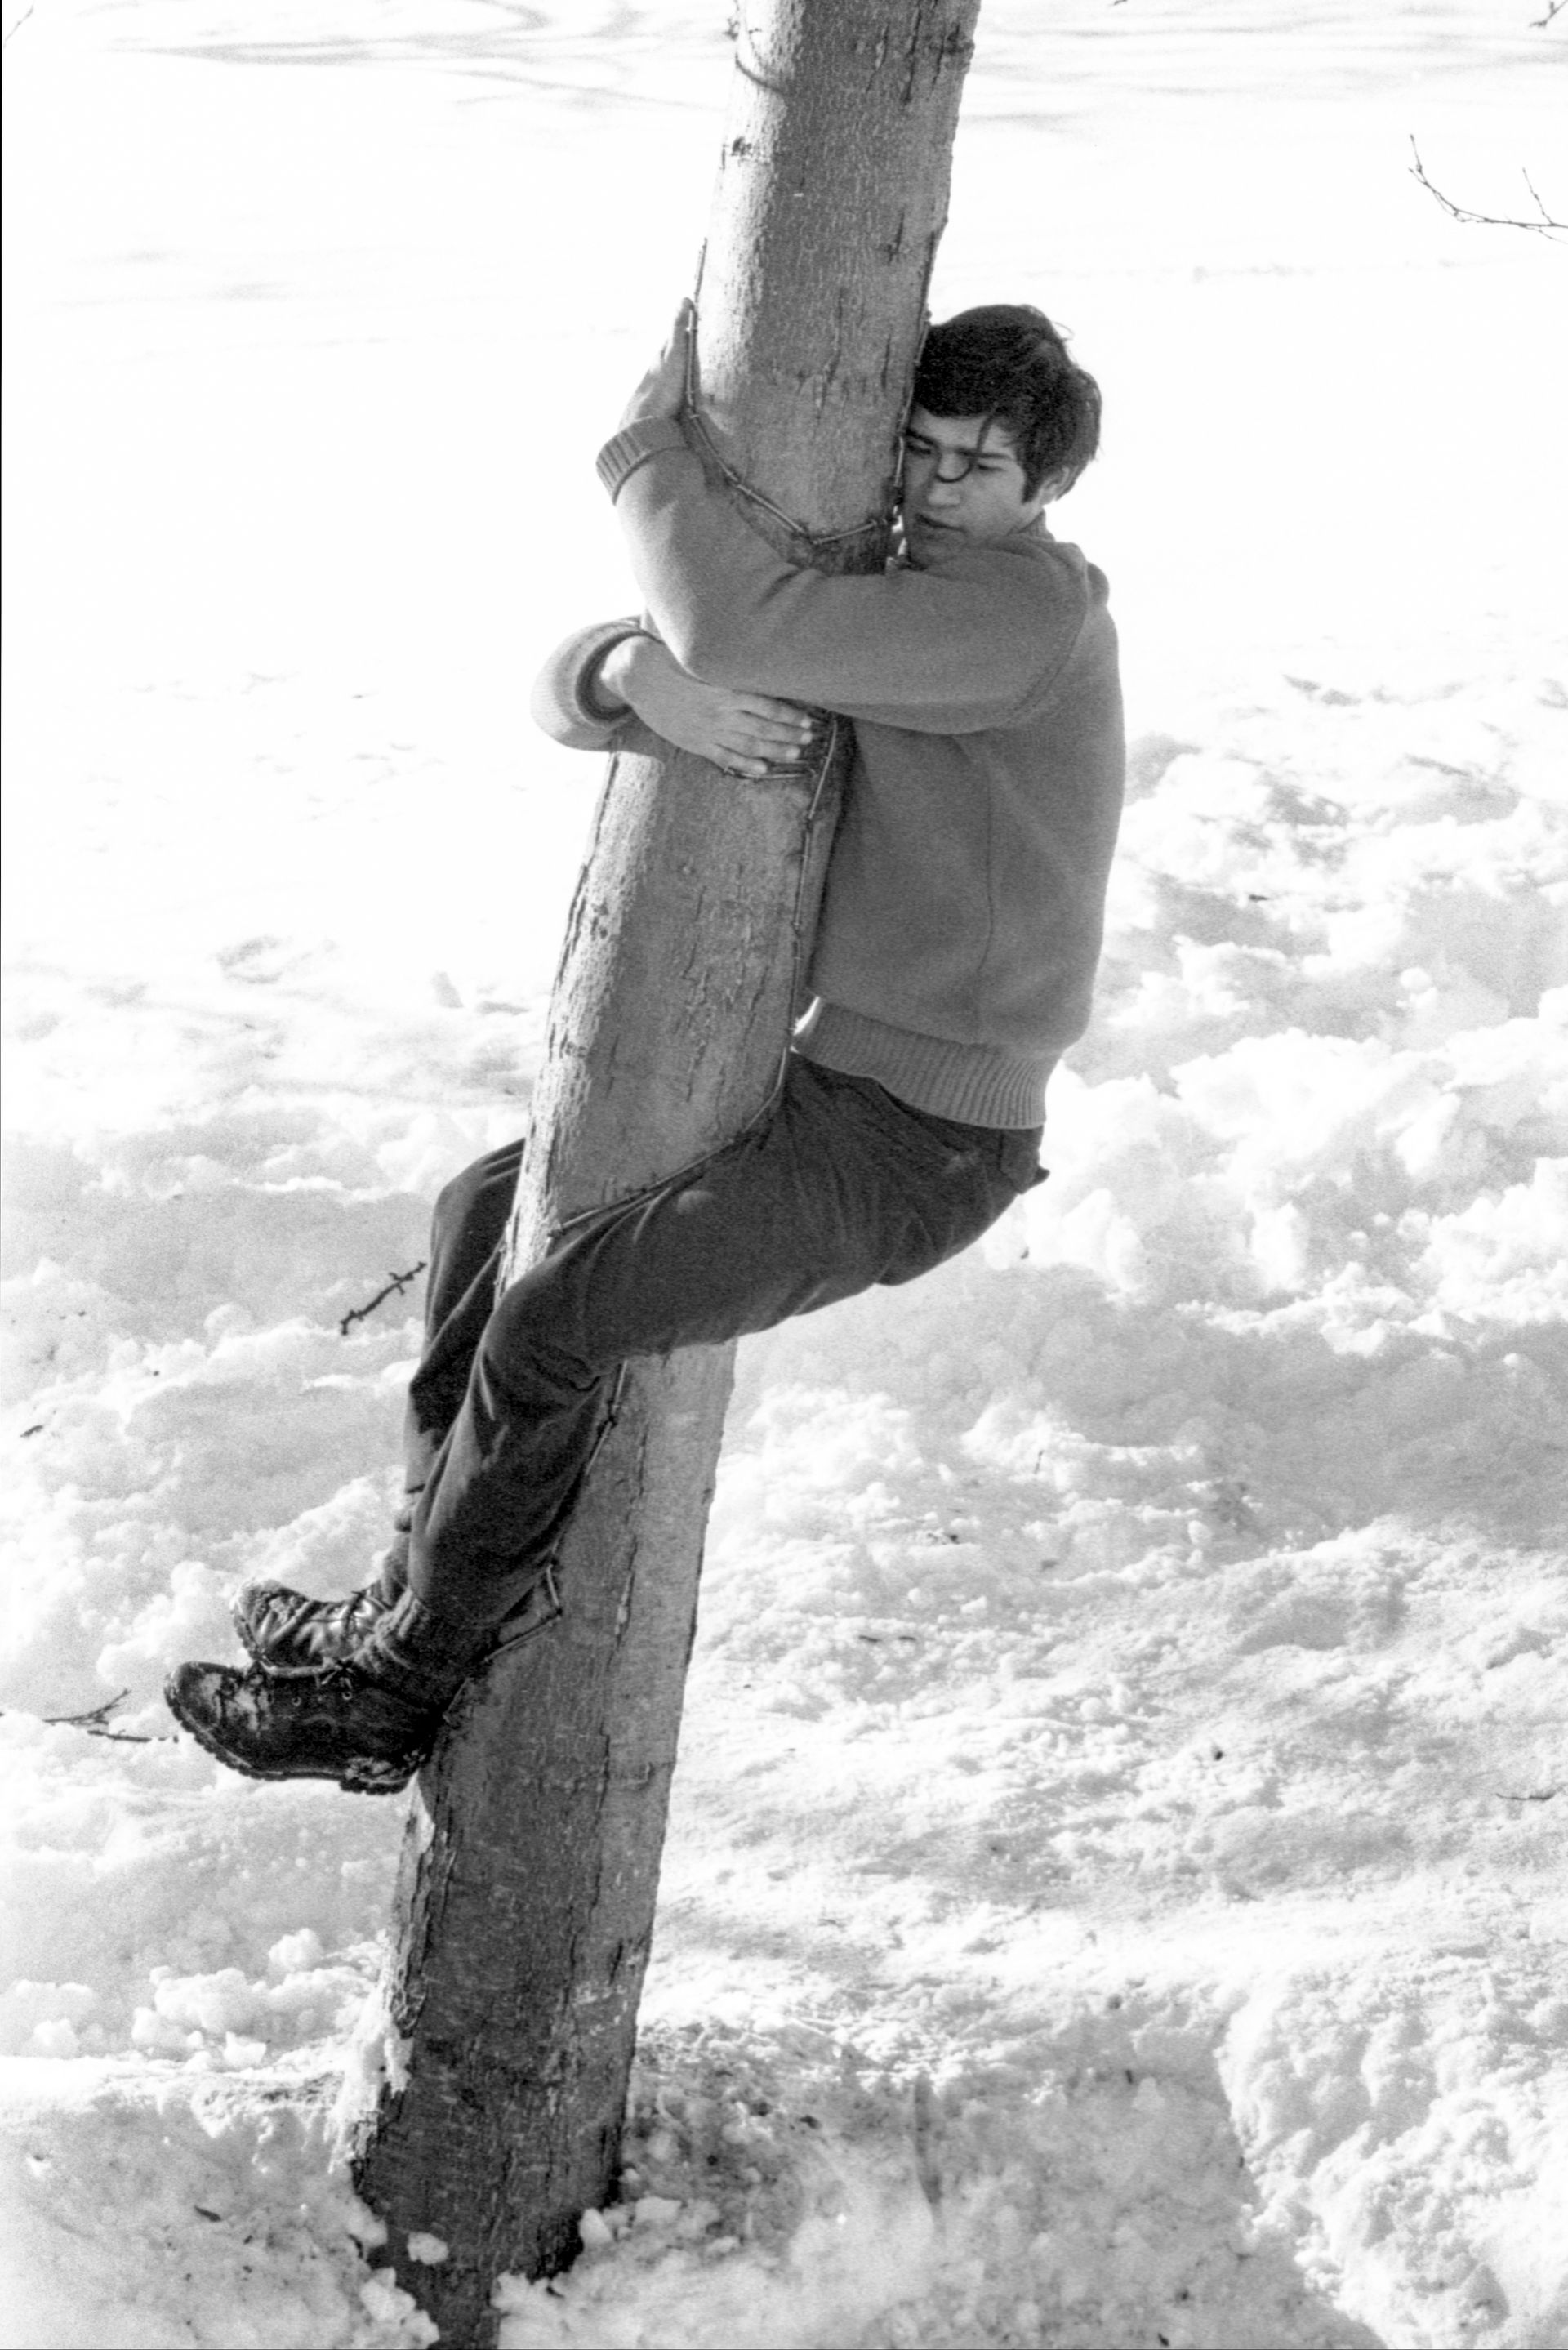 Giuseppe Penone's L'albero ricorderà il contatto del mio corpo (1968) © Archivio Penone and Castello di Rivoli Museo d'Arte Contemporanea